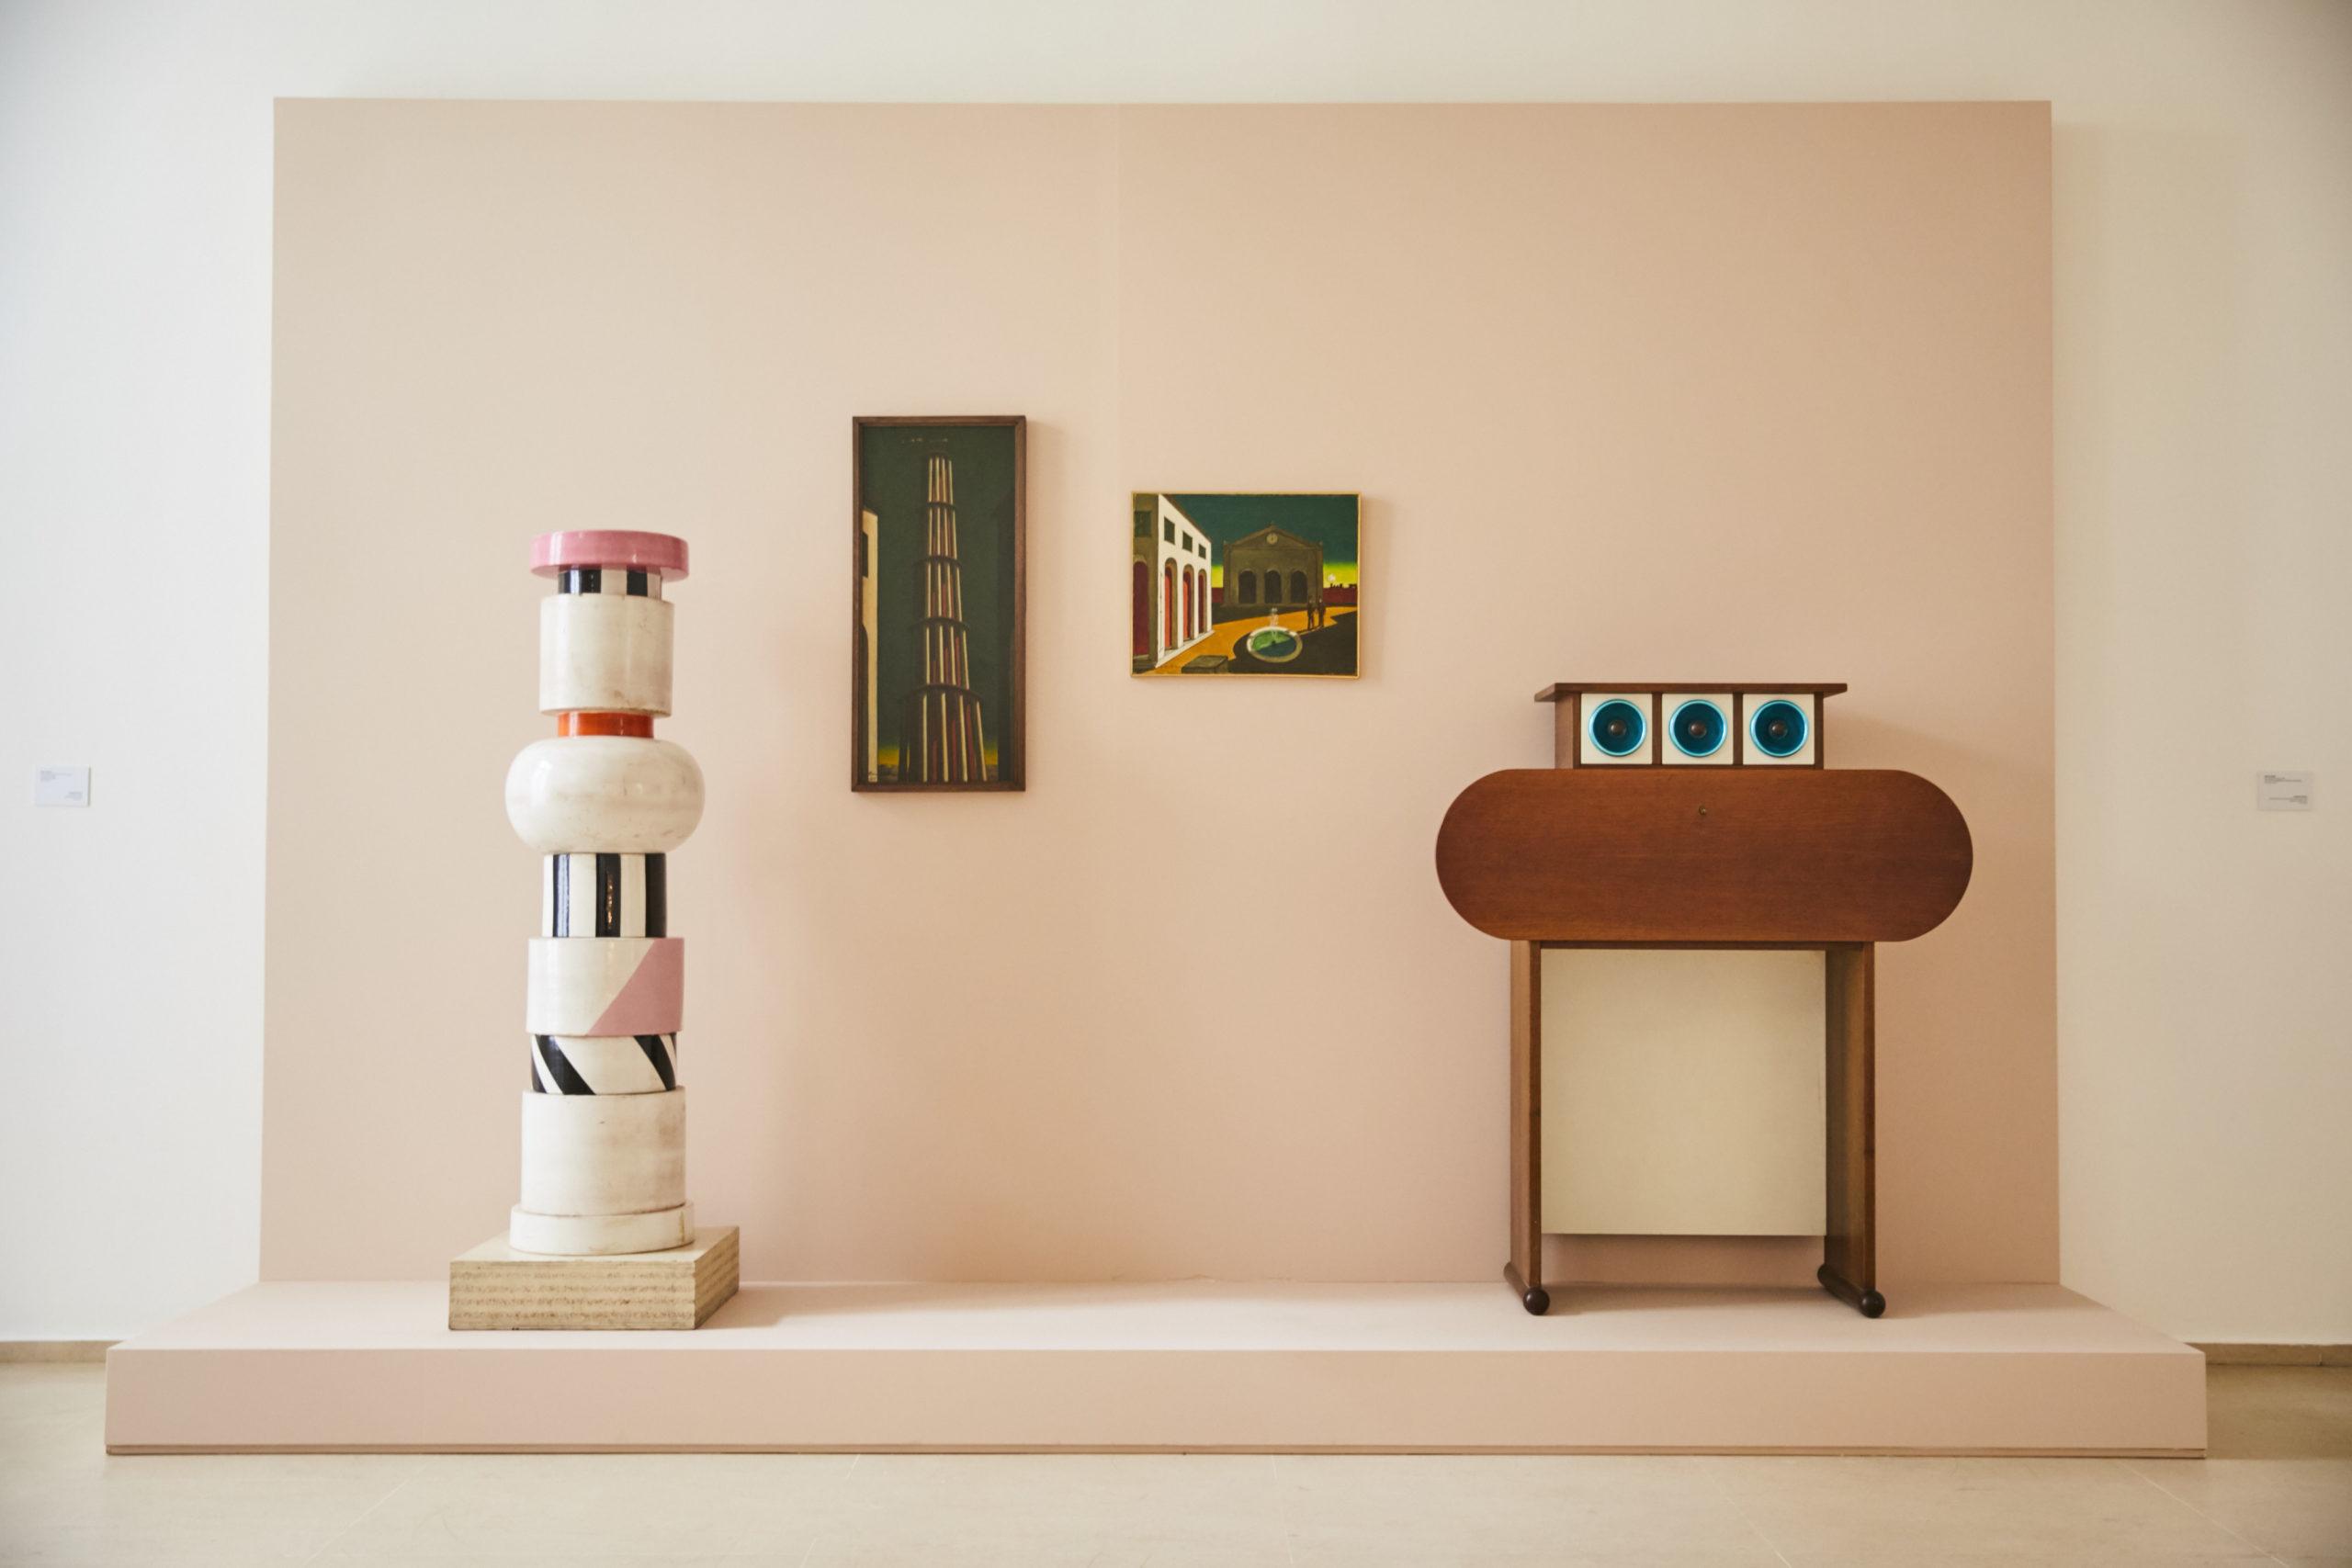 Spettacolo di Utopia. Da Burri a Mollino, il magico dialogo tra arte e design trasforma Tornabuoni a Parigi